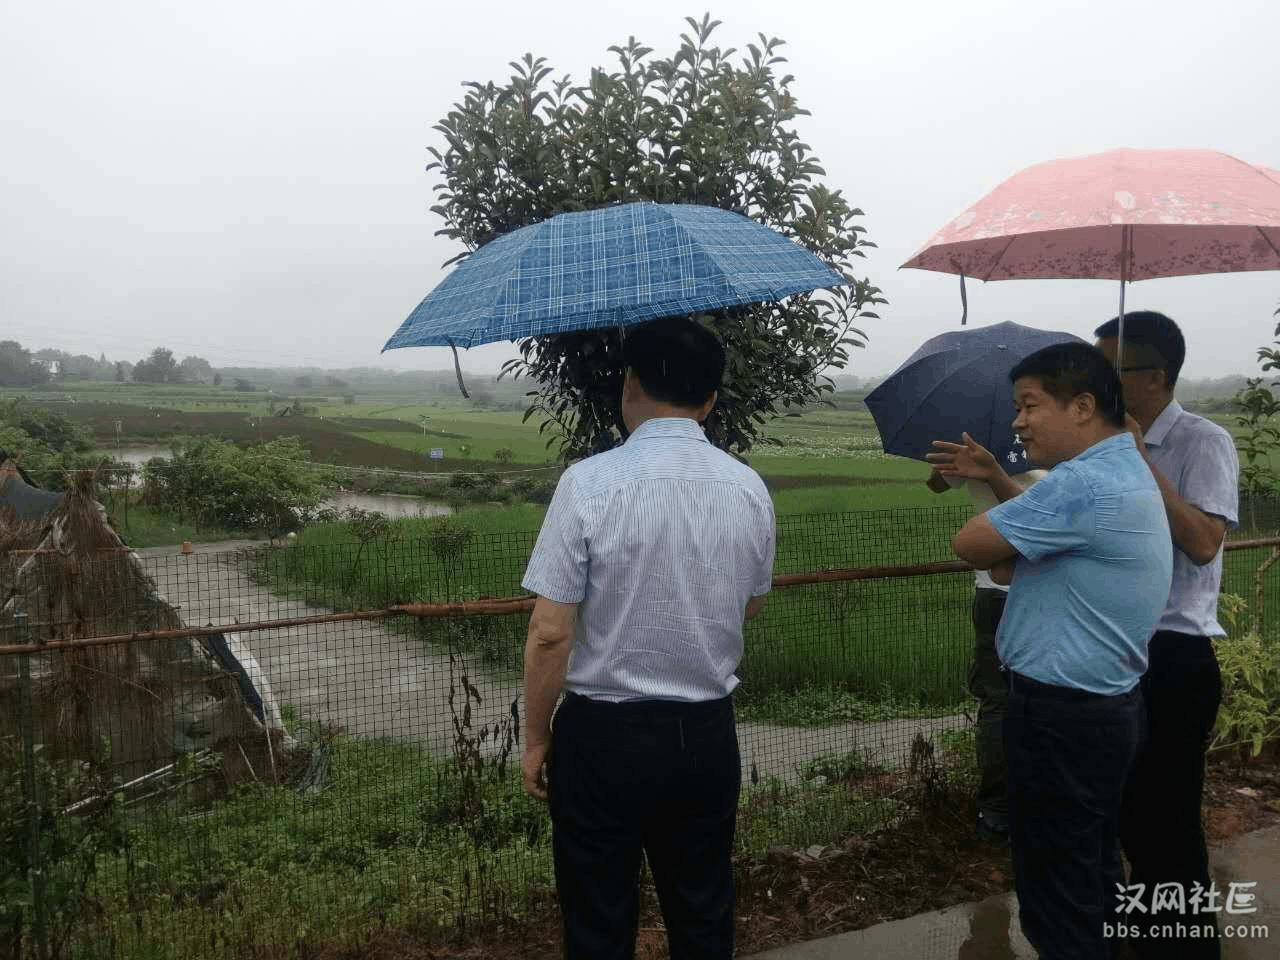 全国网媒荆州行走进石首 看青山绿水生态旅游城市